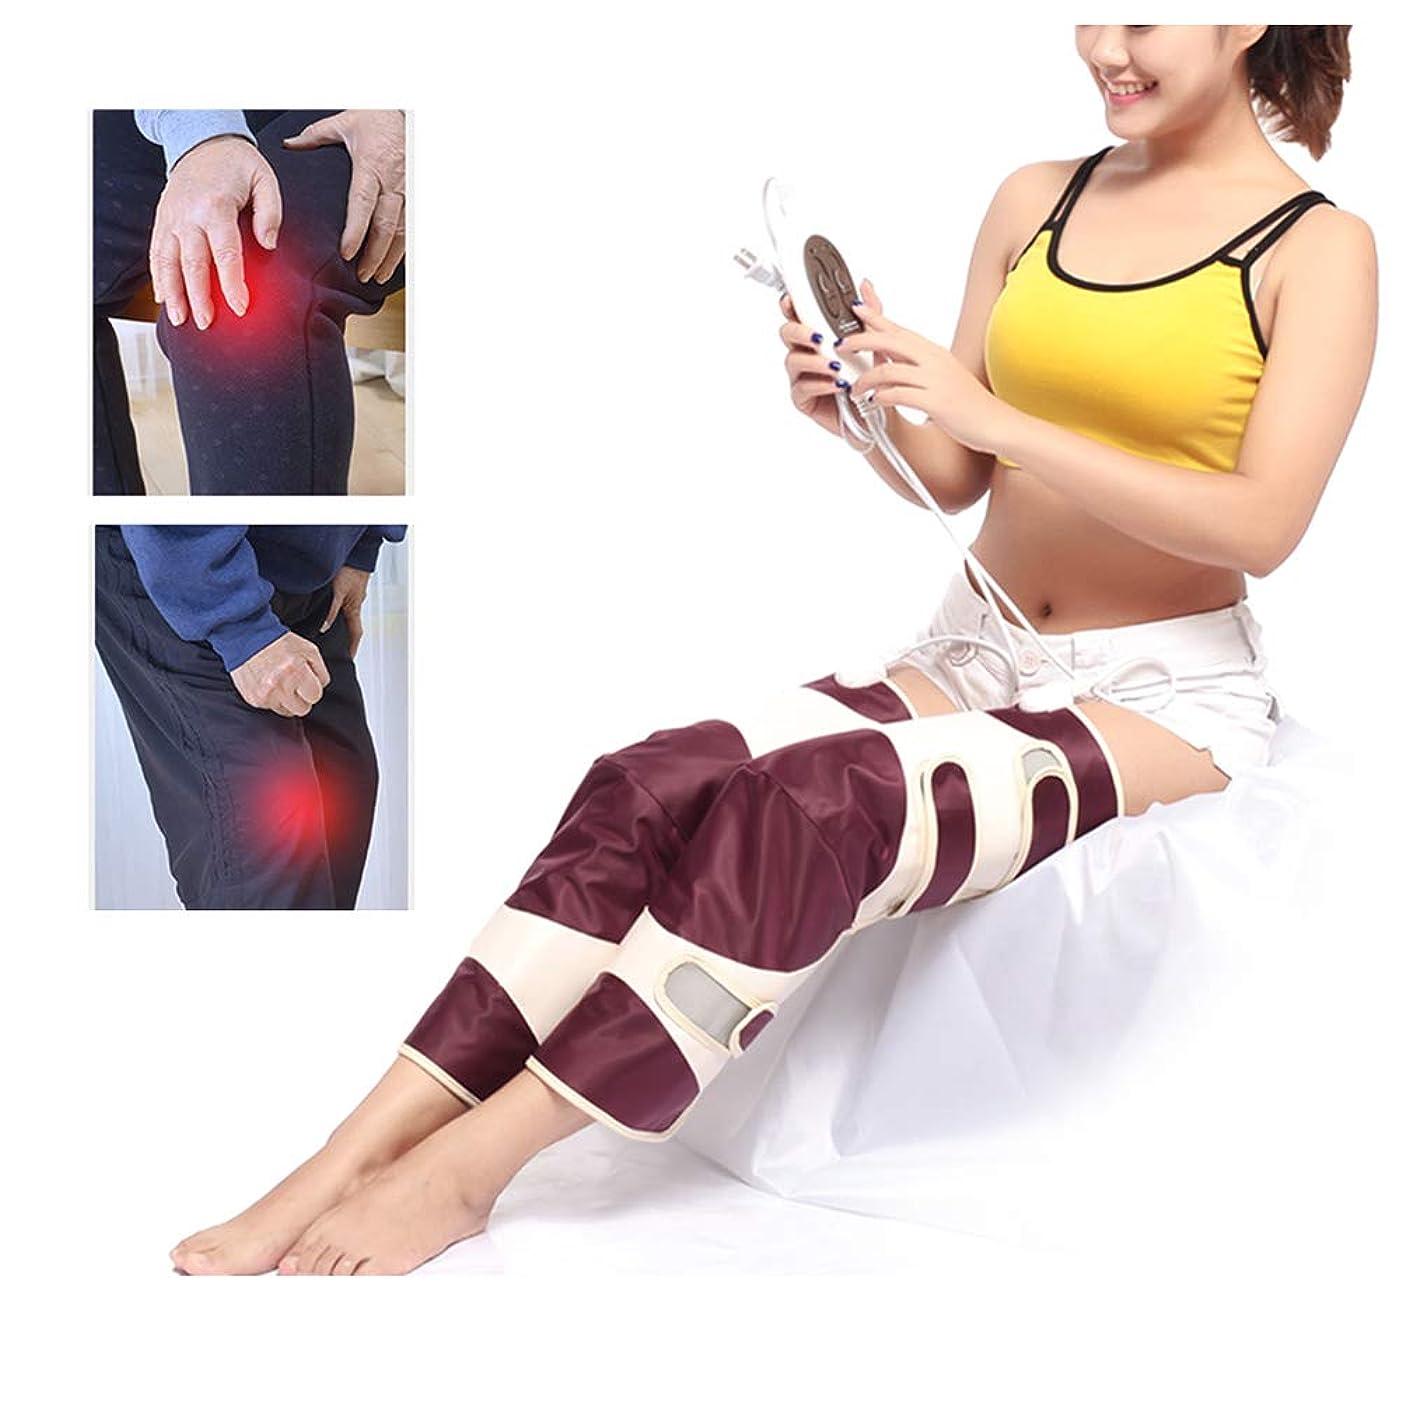 概して勤勉ブリリアント膝の怪我、痛みを軽減するための電気加熱膝ブレースサポート - 膝温かいラップ加熱パッド - 遠赤外線治療マッサージャー